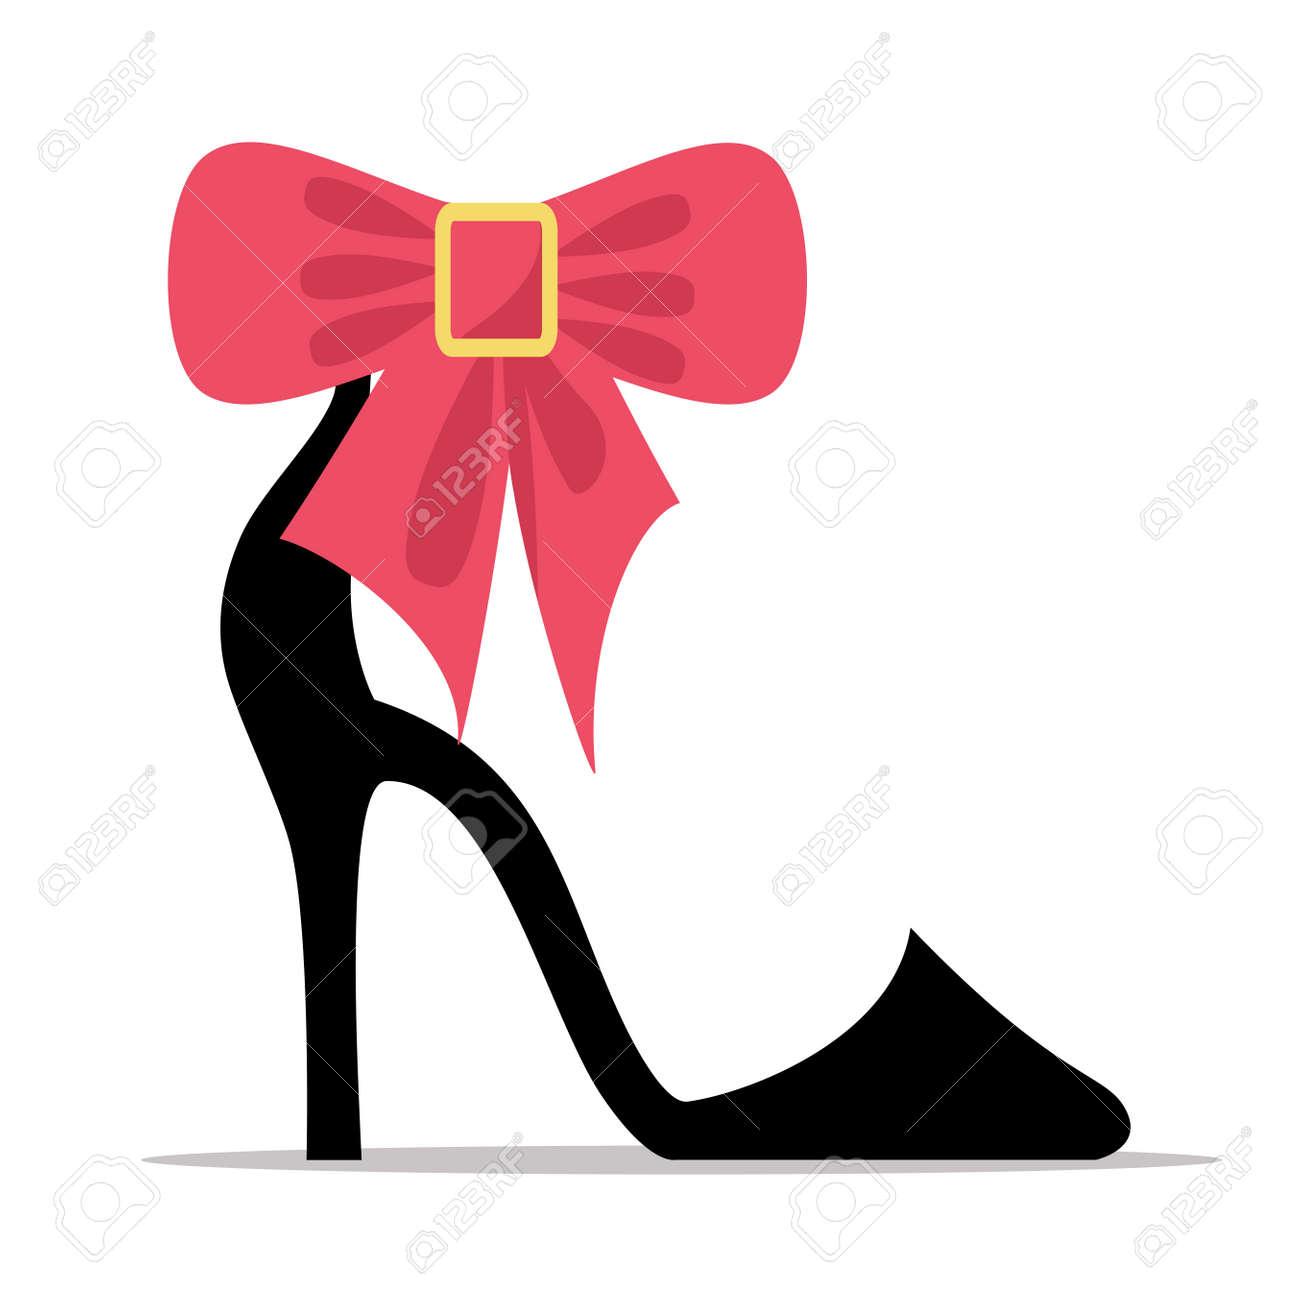 e49685494012cb Banque d'images - Chaussure pour femme avec motif à talons hauts et arc